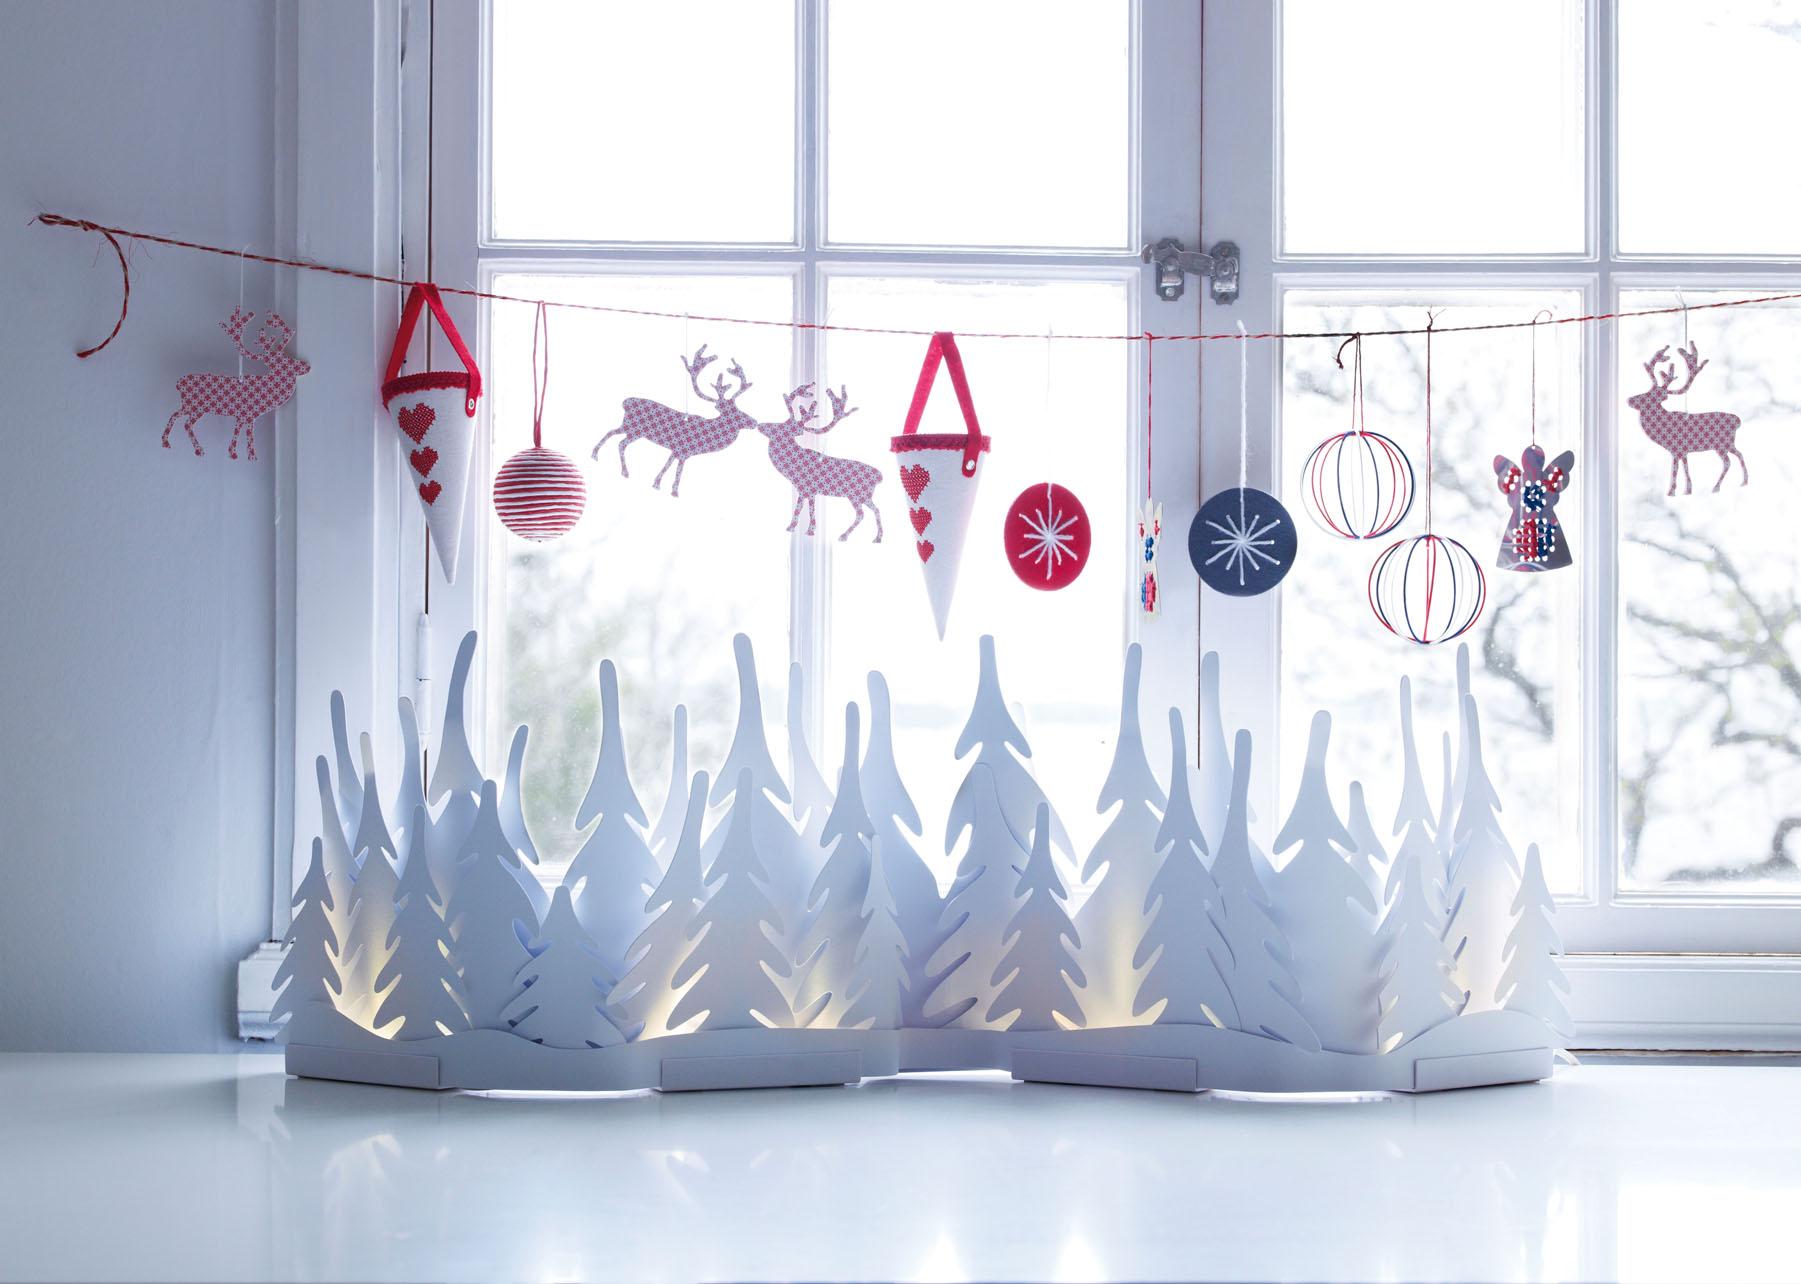 Оформление окна игрушками и бумажным декором на Новый год